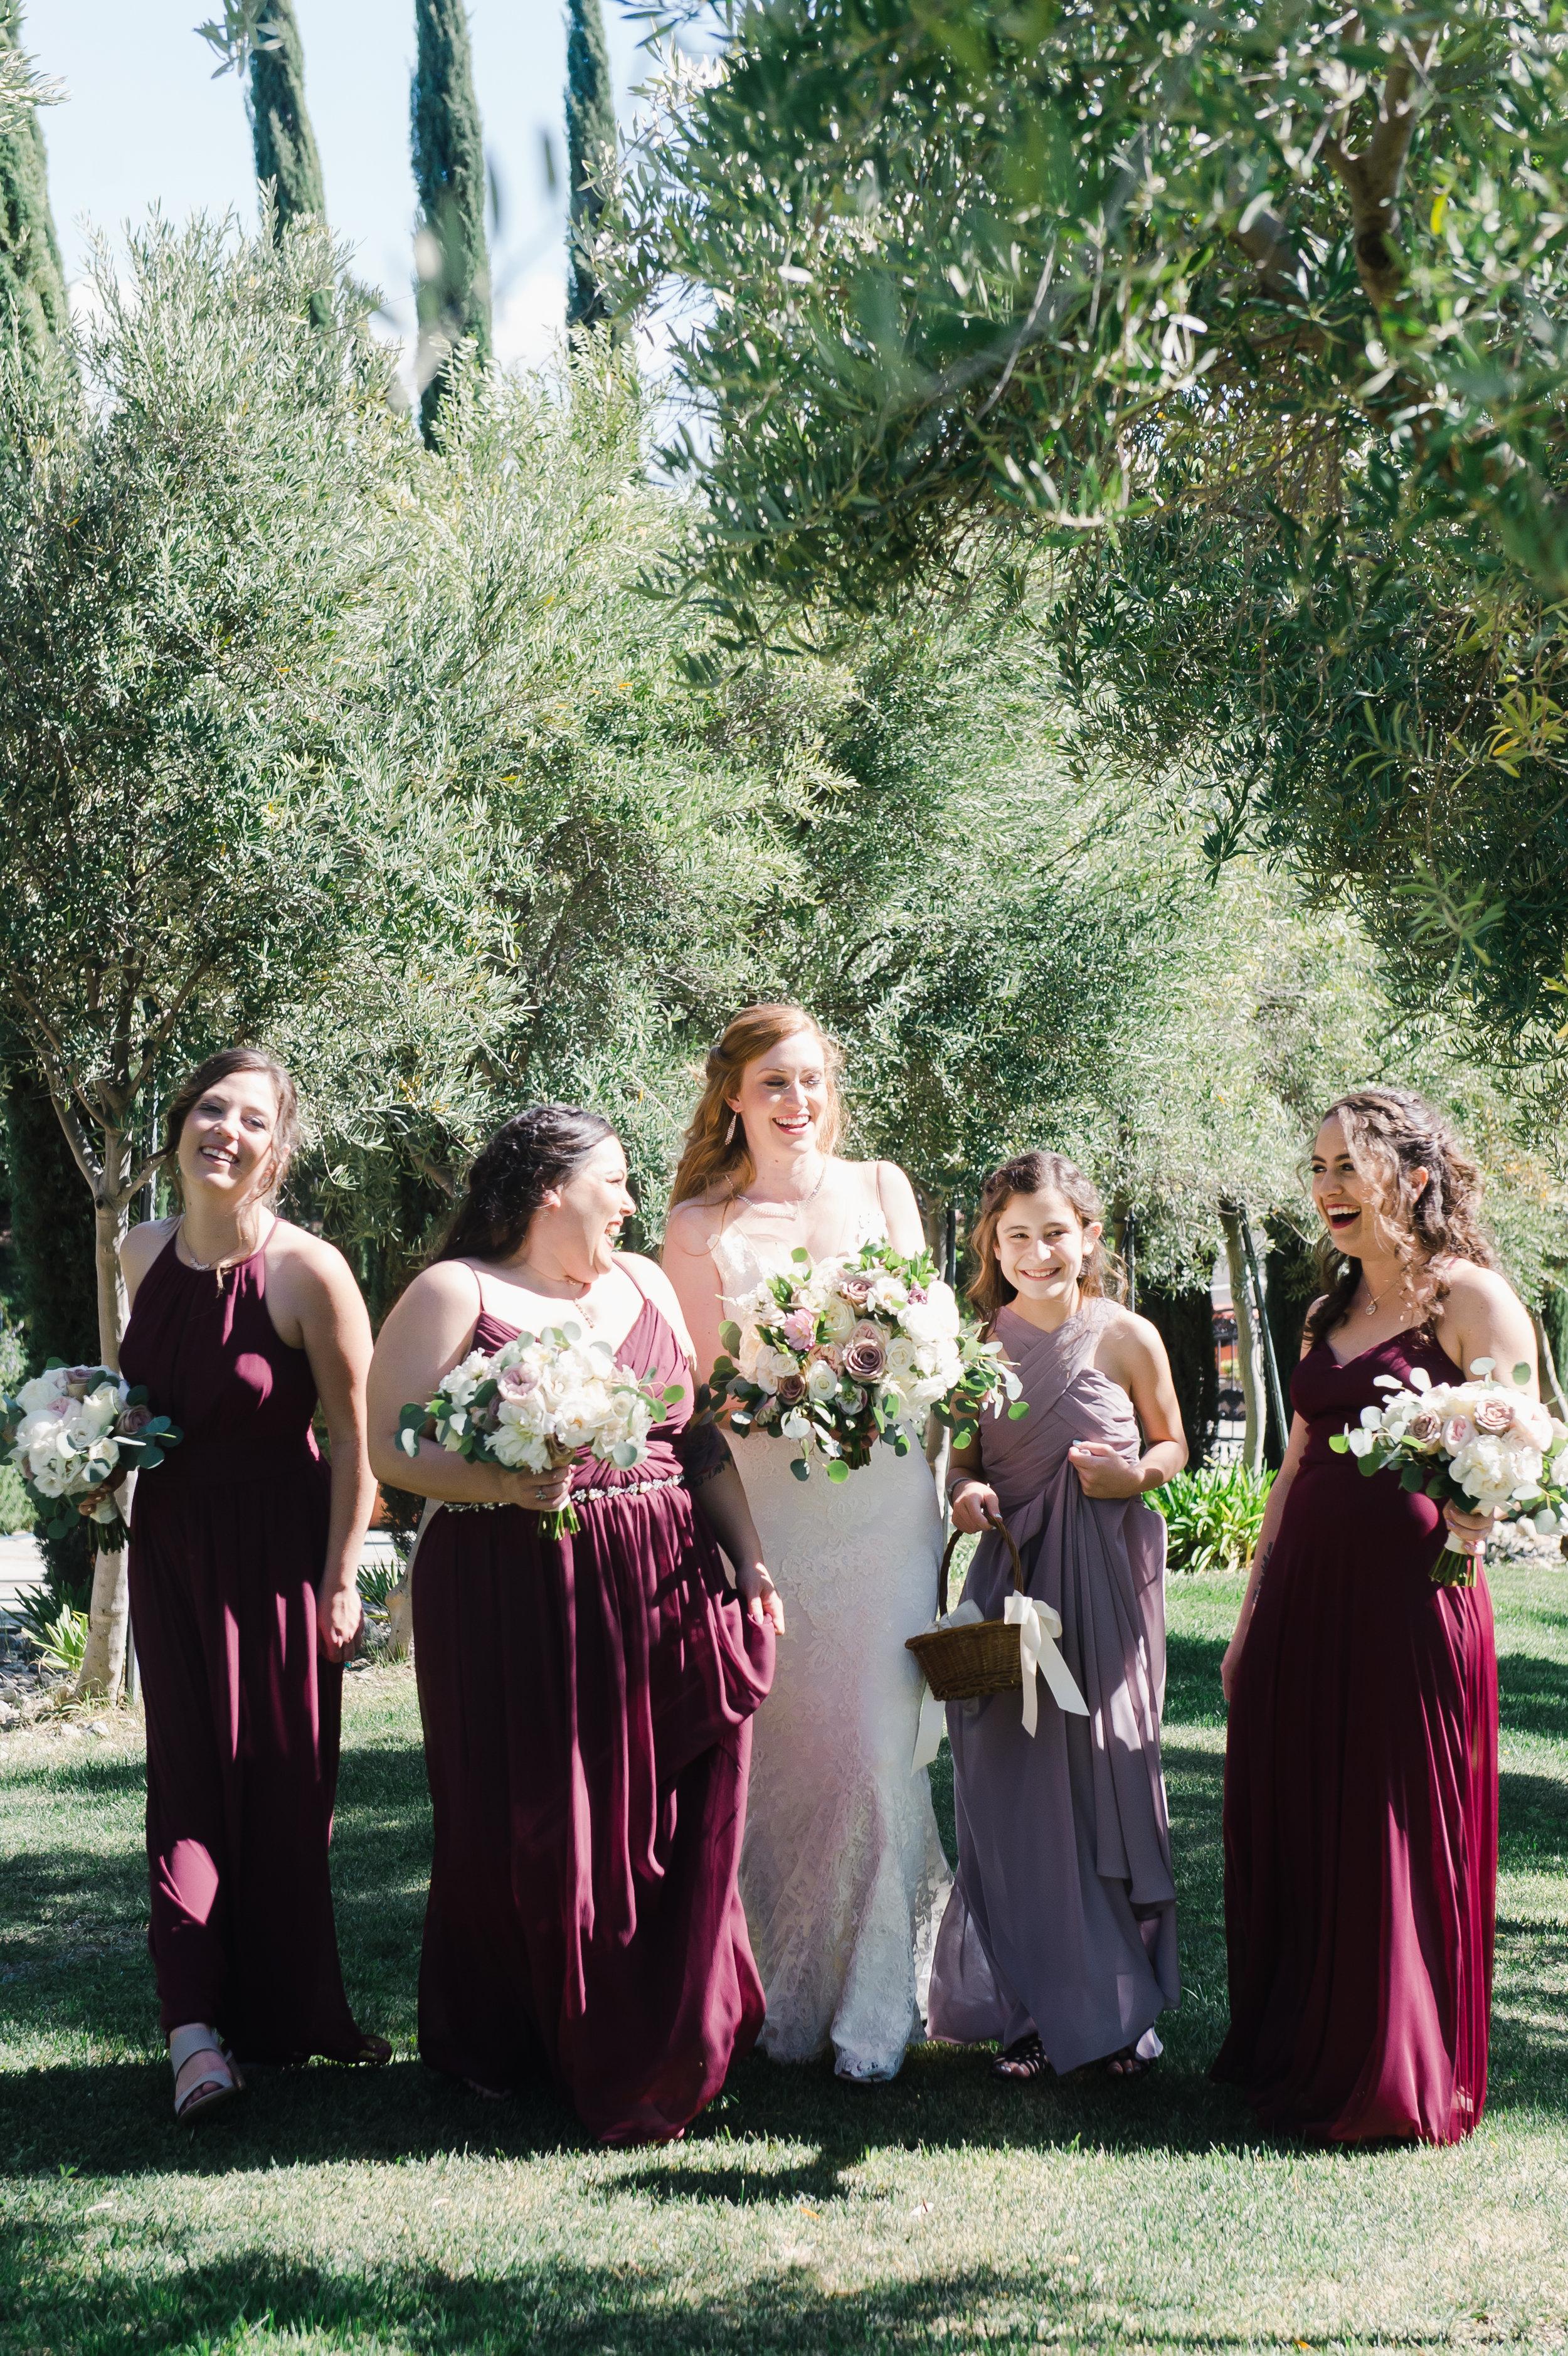 21mountpalomarwineryweddingpictures.jpg